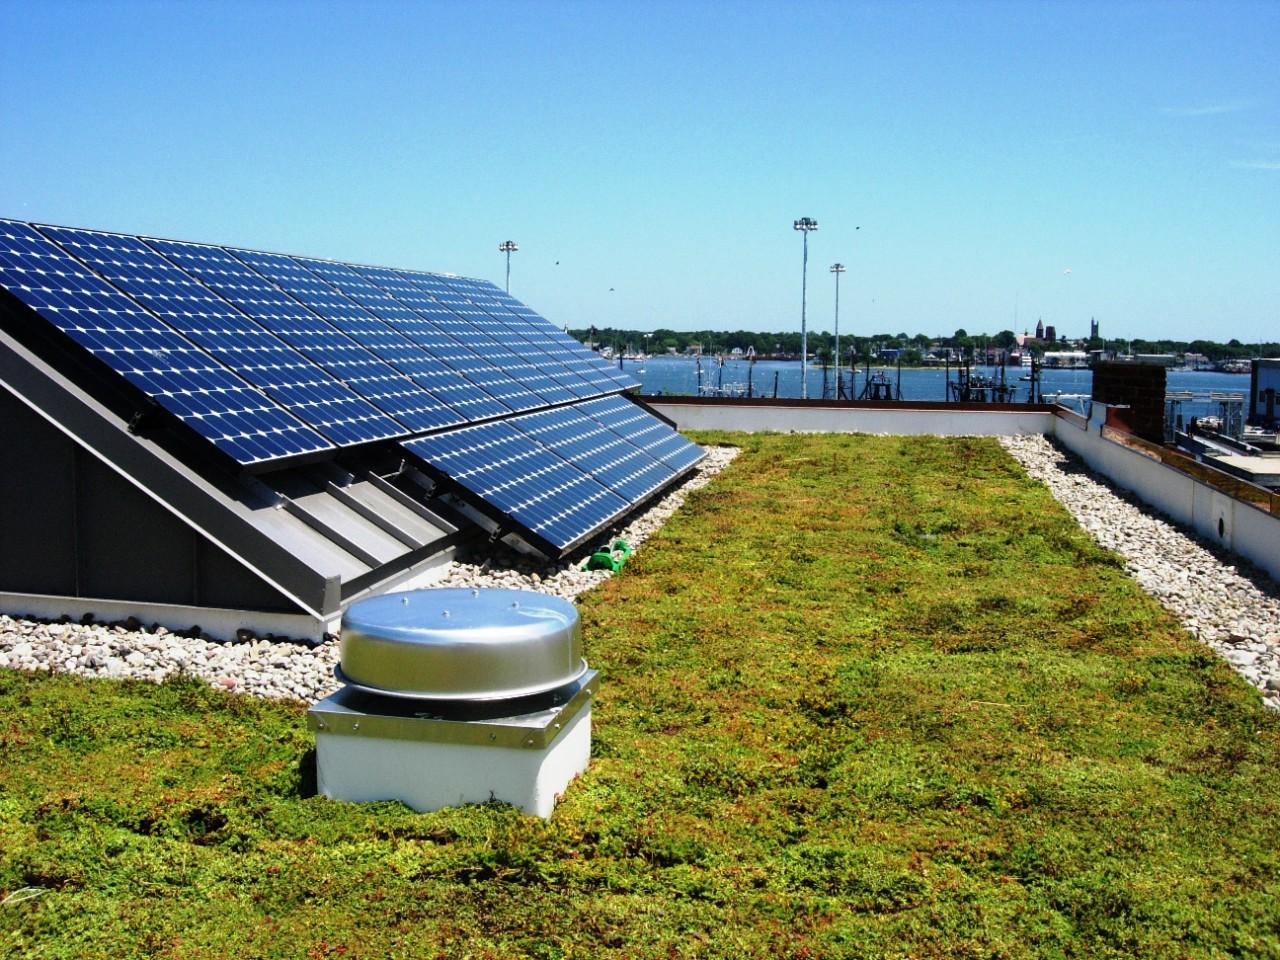 Zonnecollectoren op een groendak